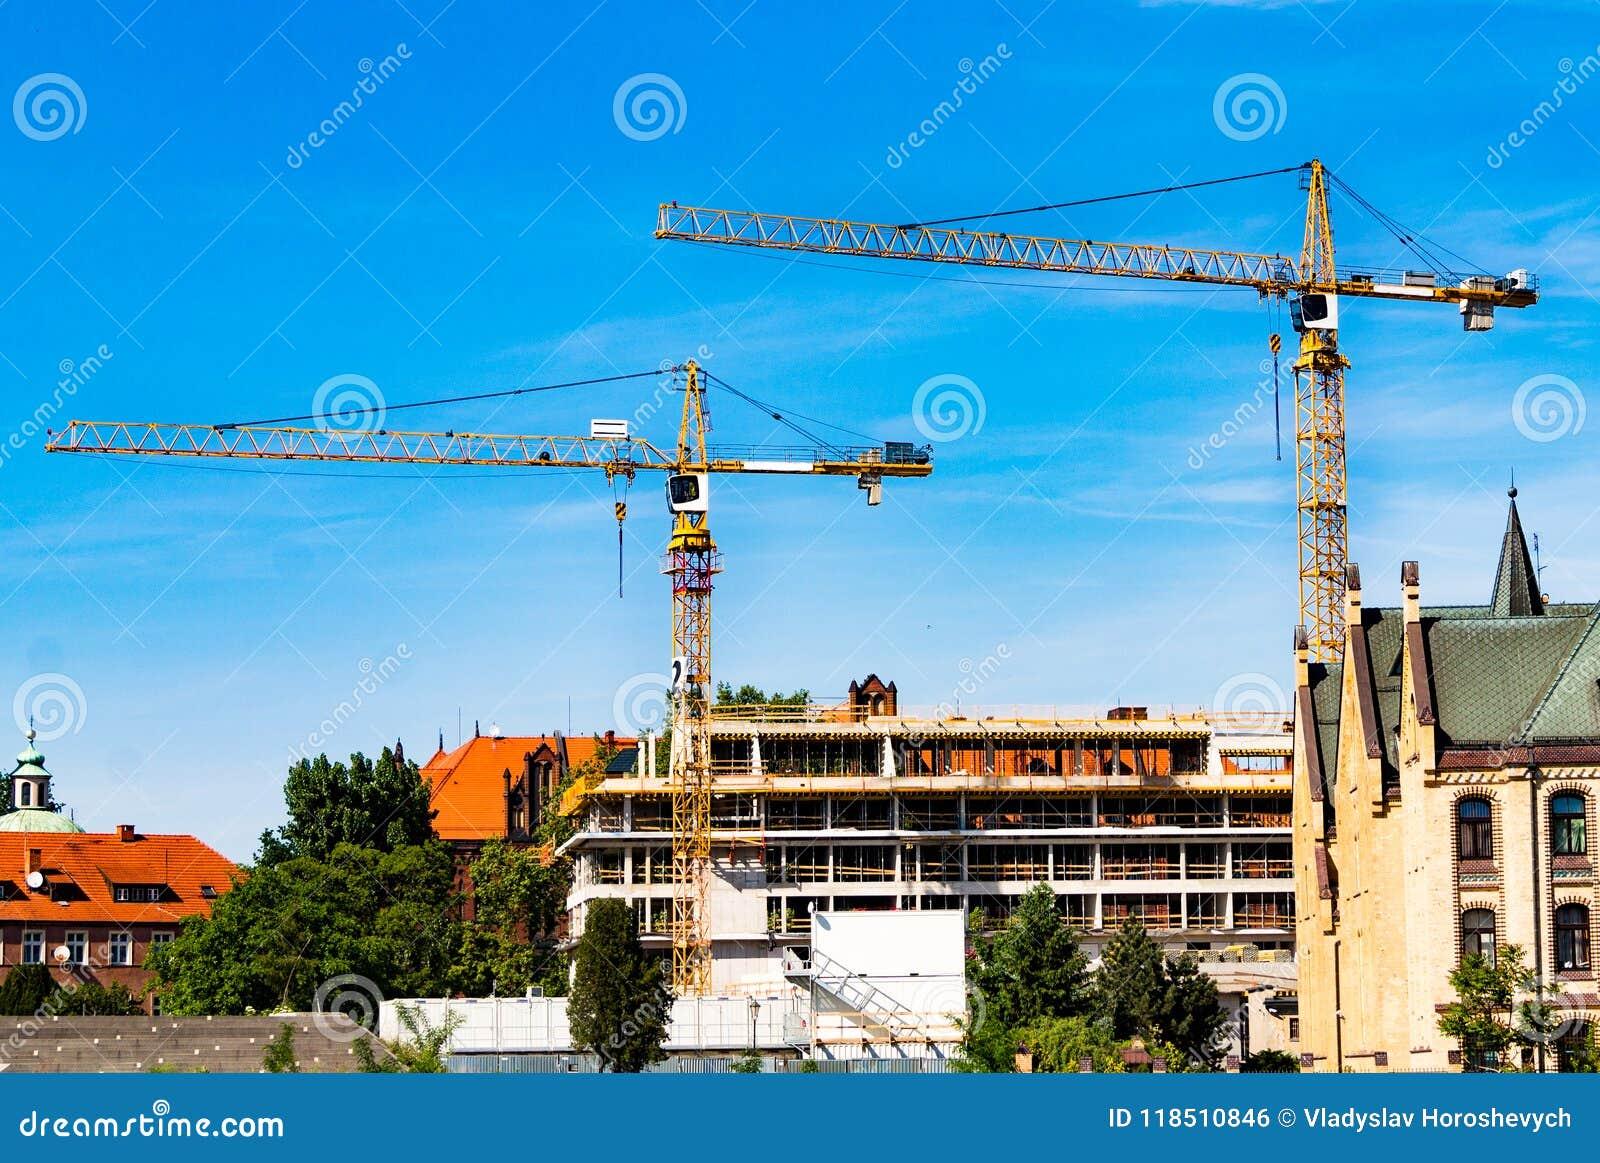 Γερανός πύργων, κατασκευή ενός κατοικημένου σπιτιού, ένας γερανός ενάντια στον ουρανό, ένα αντίβαρο, βιομηχανικός ορίζοντας